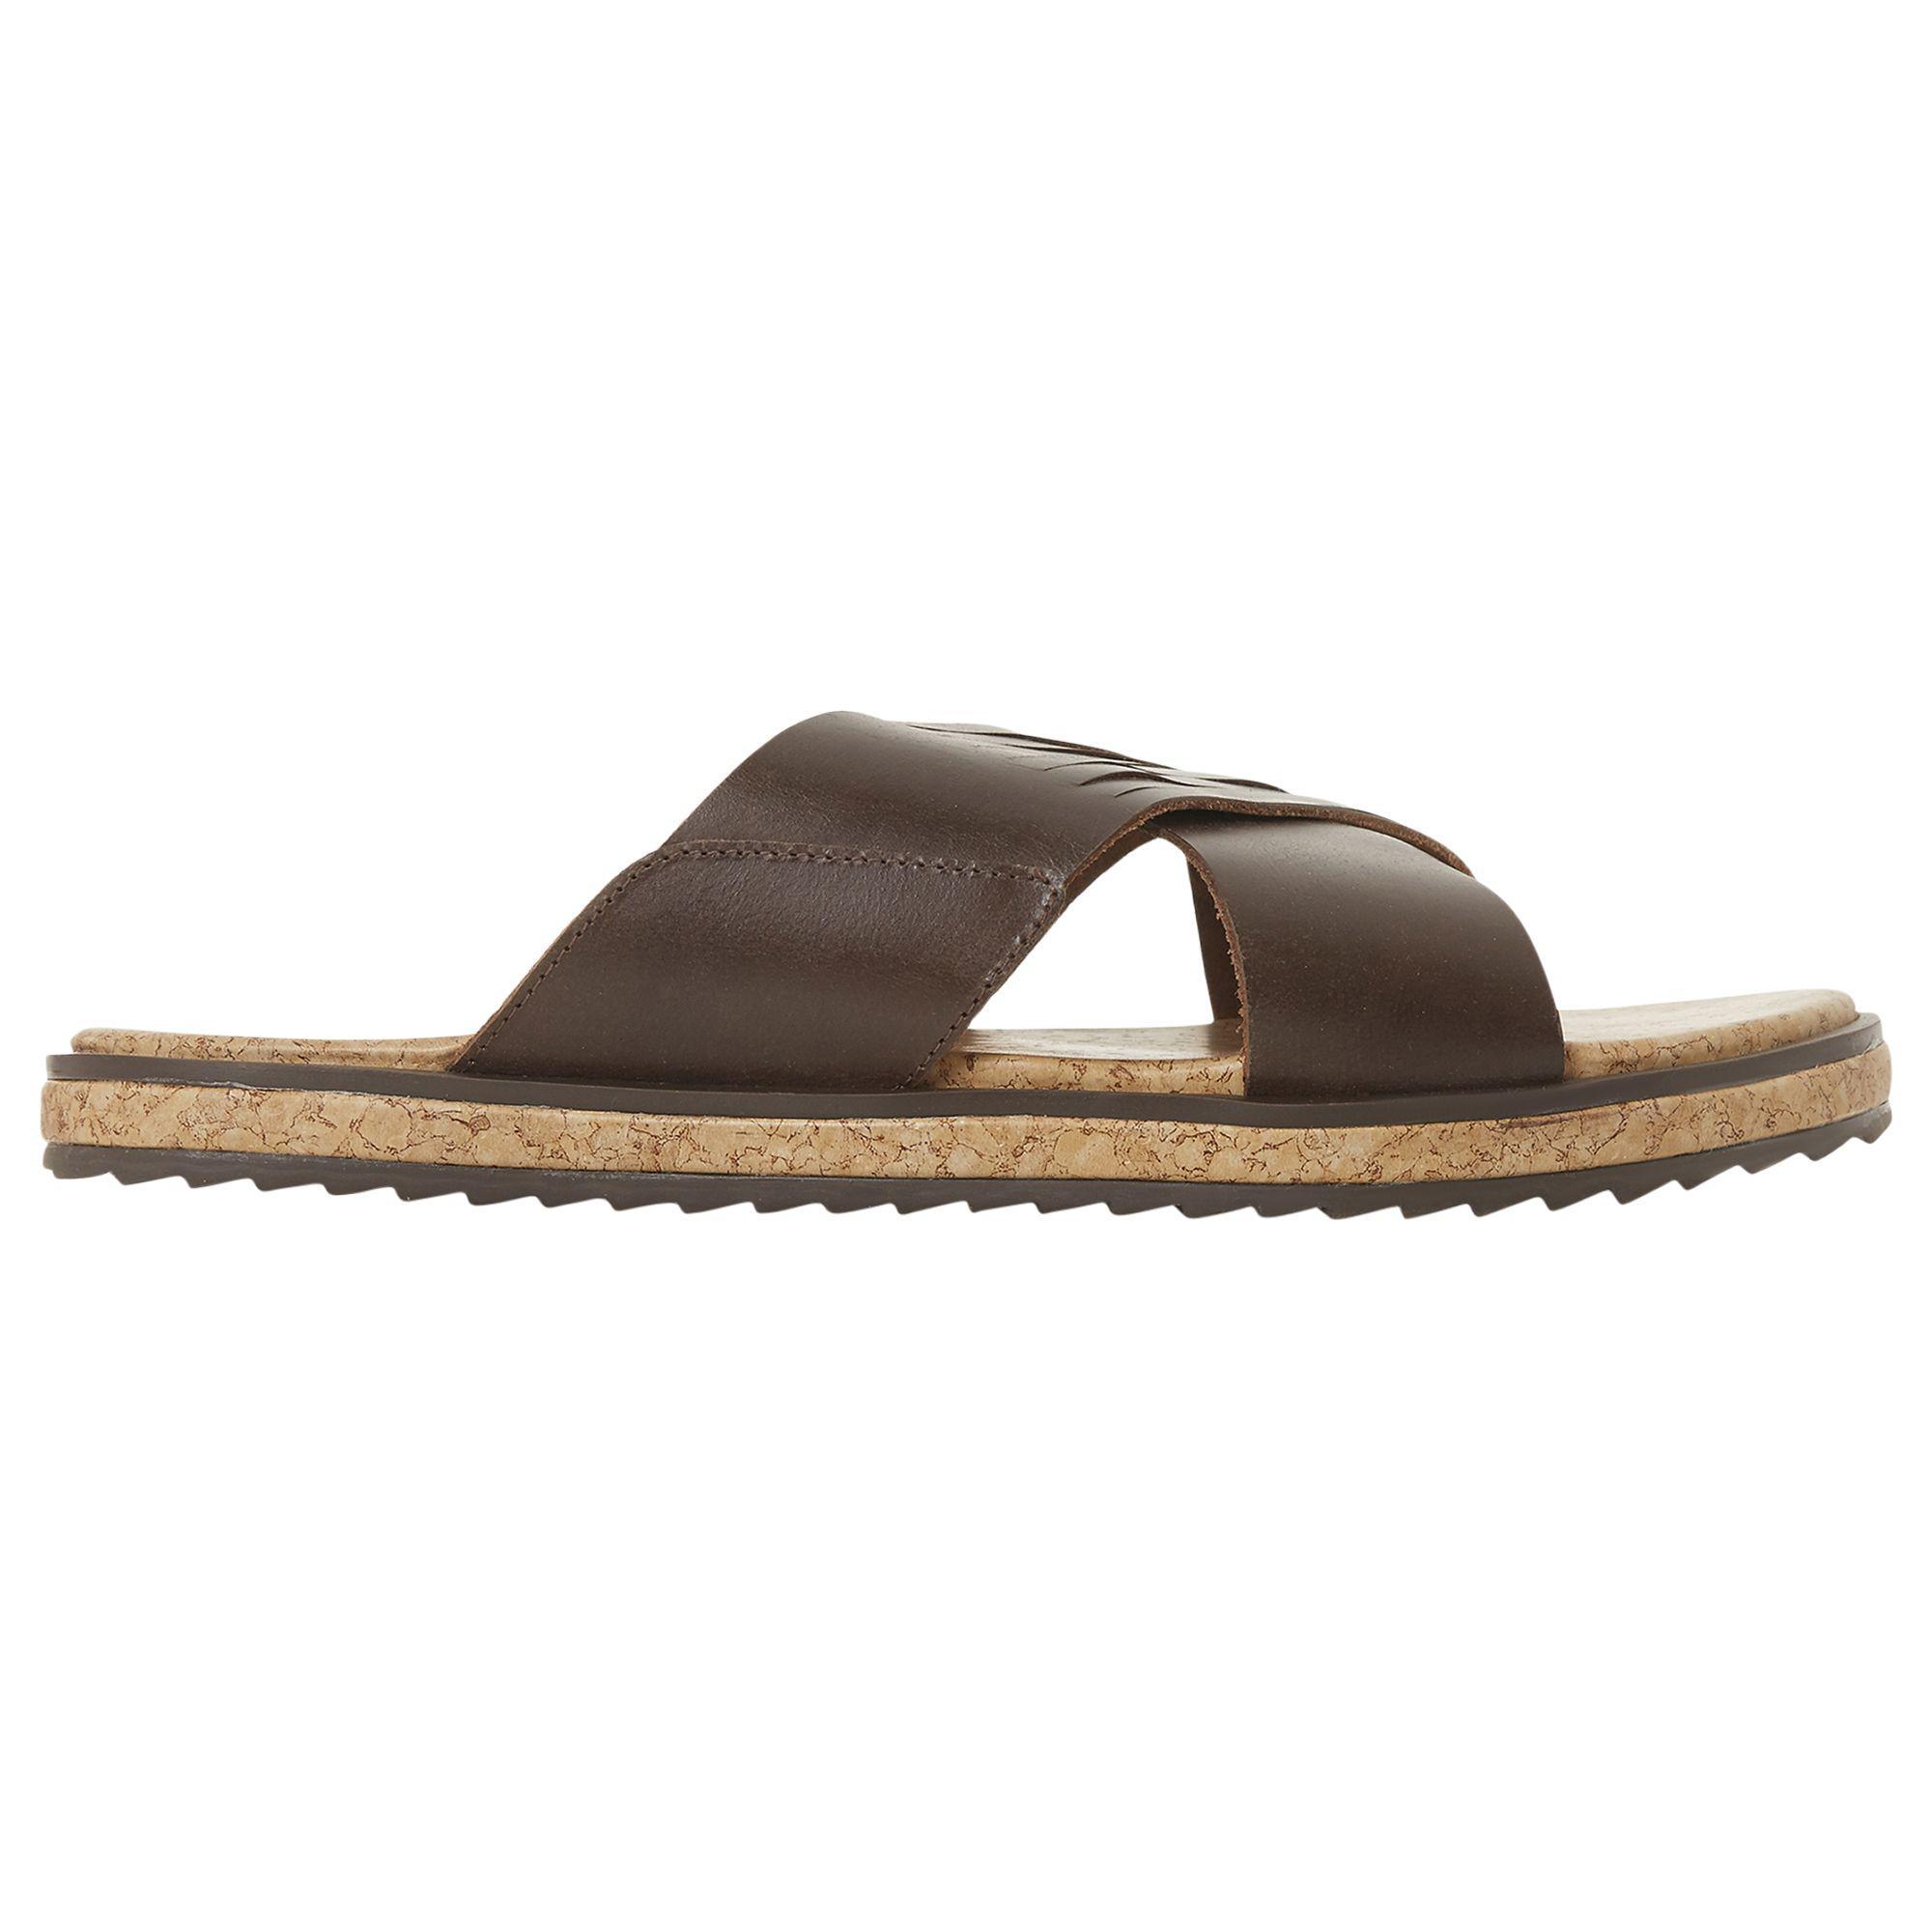 06a567f1d5103a Bertie Iric Cross Strap Sandals in Brown - Lyst